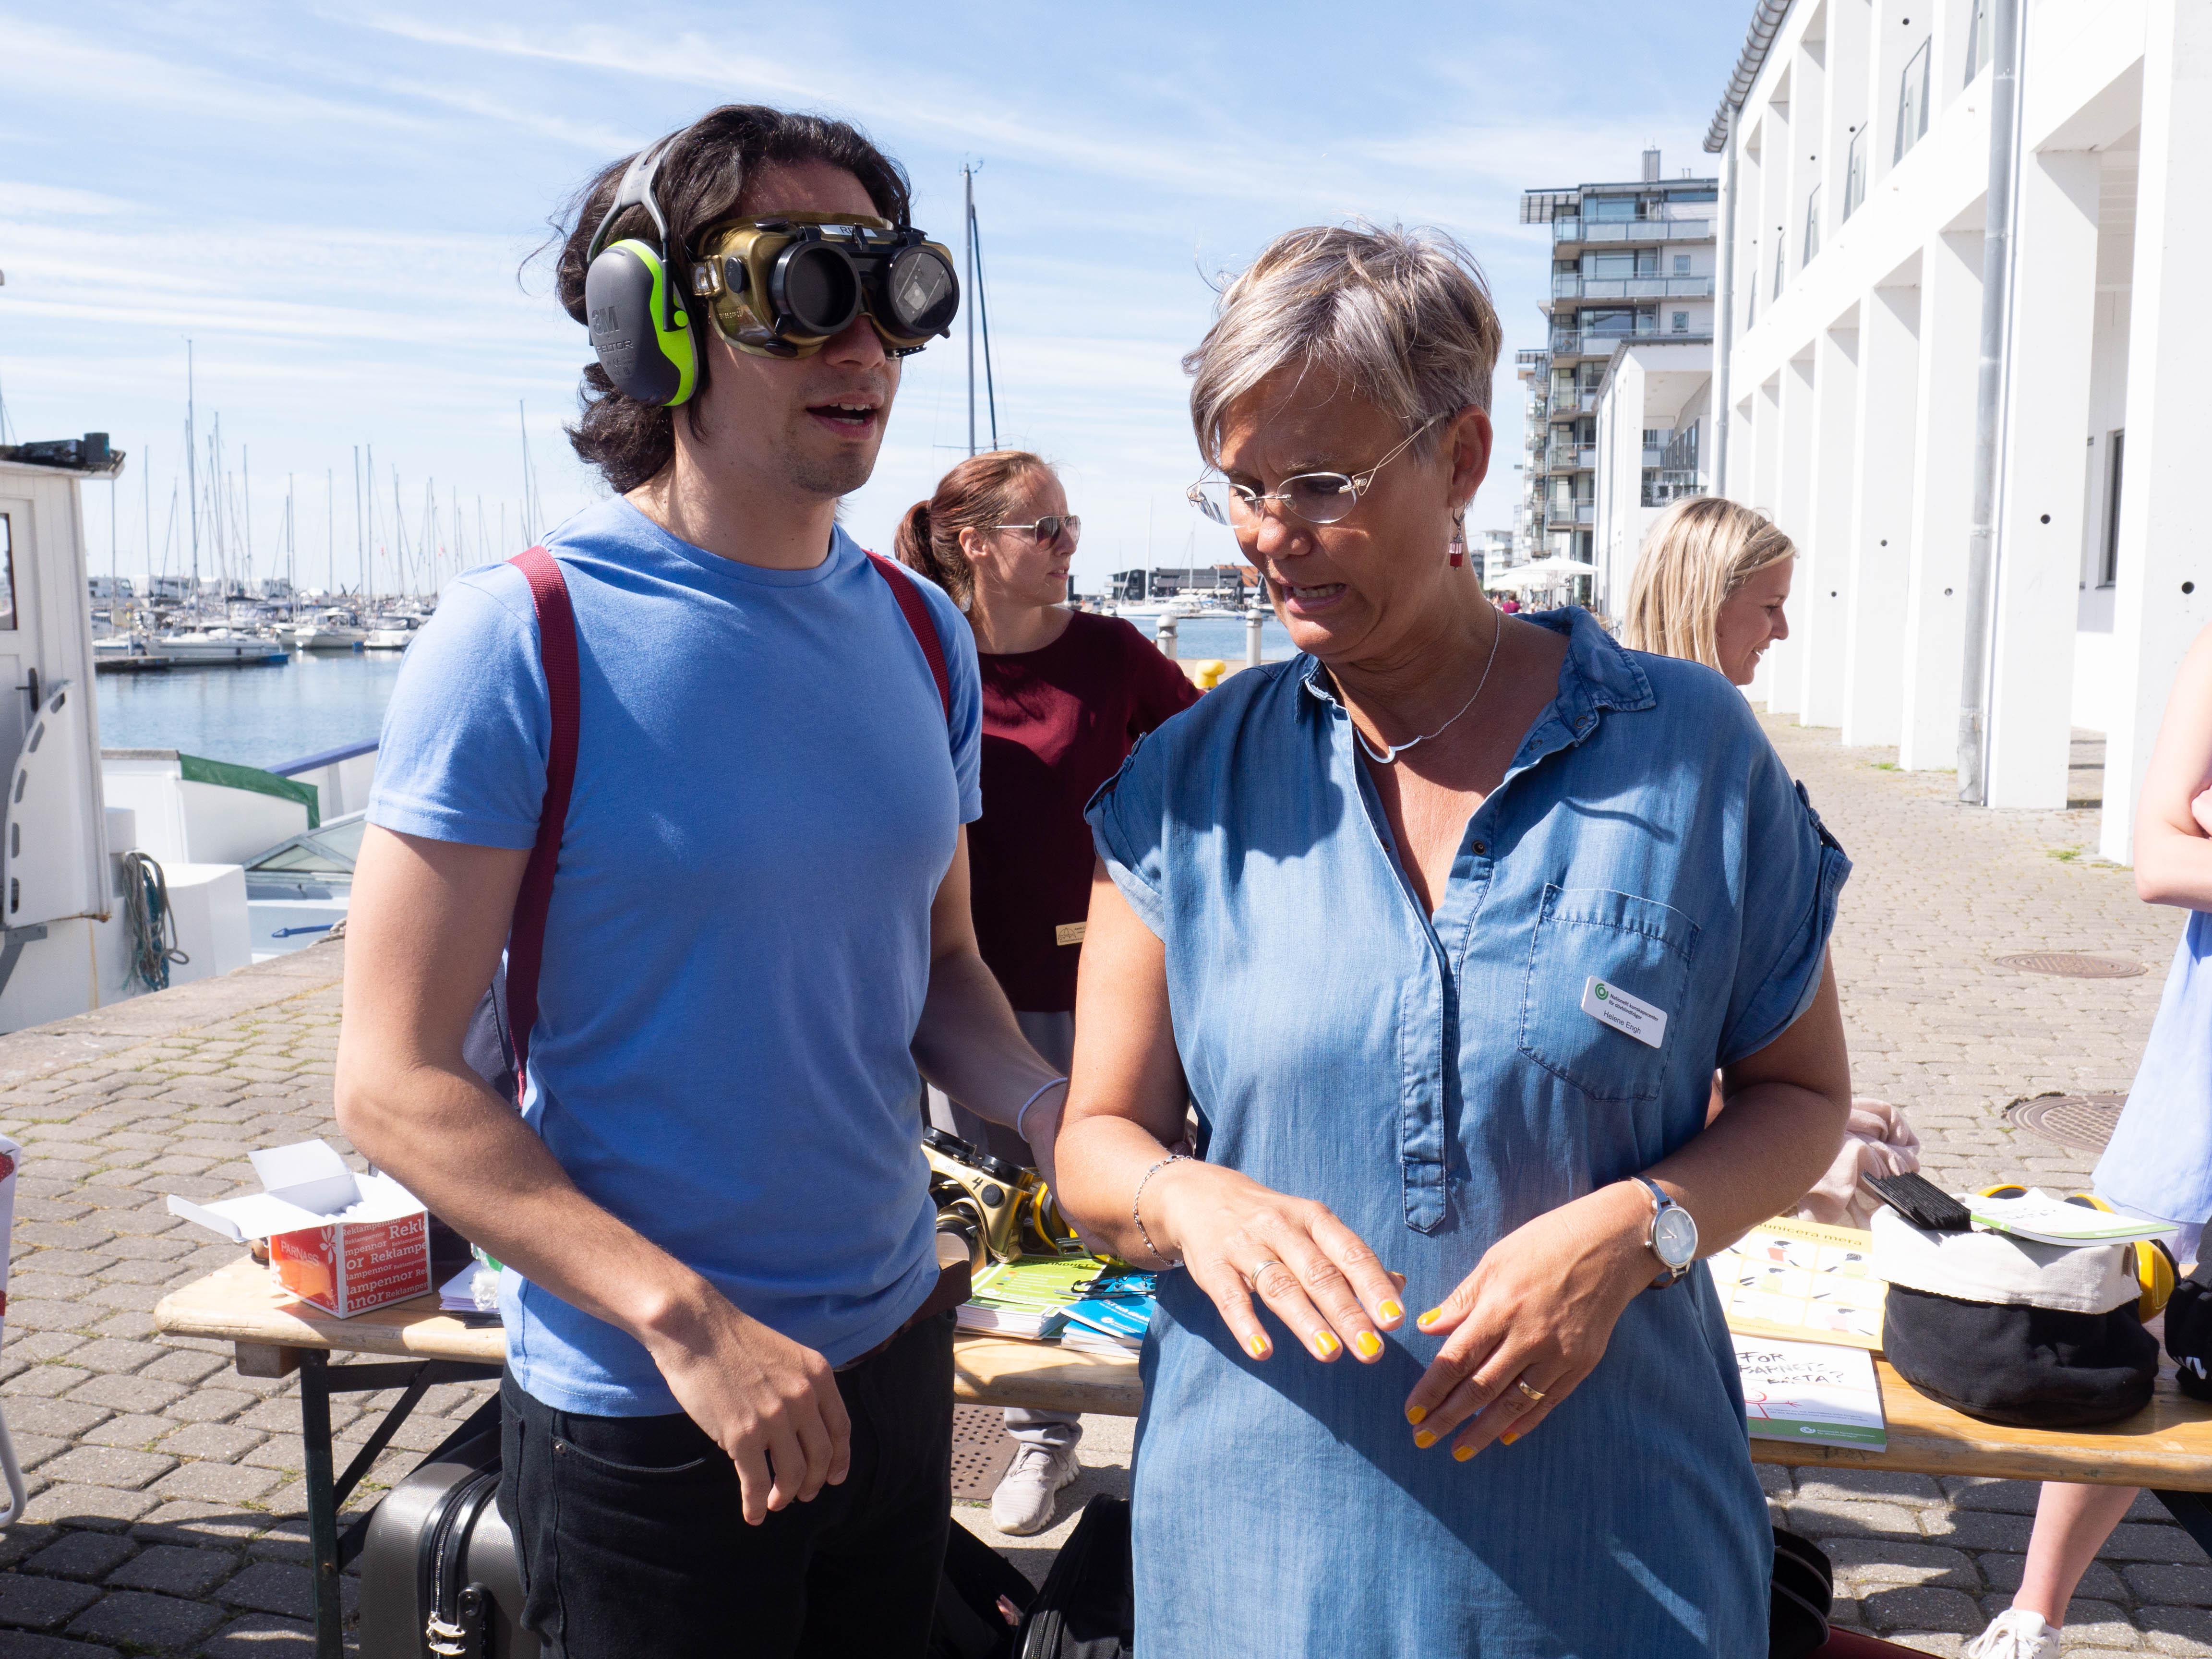 Kille med fingerad optik och ljusblå t-shirt till vänster, ledsagas av Helene i ljusblå sommarklänning.